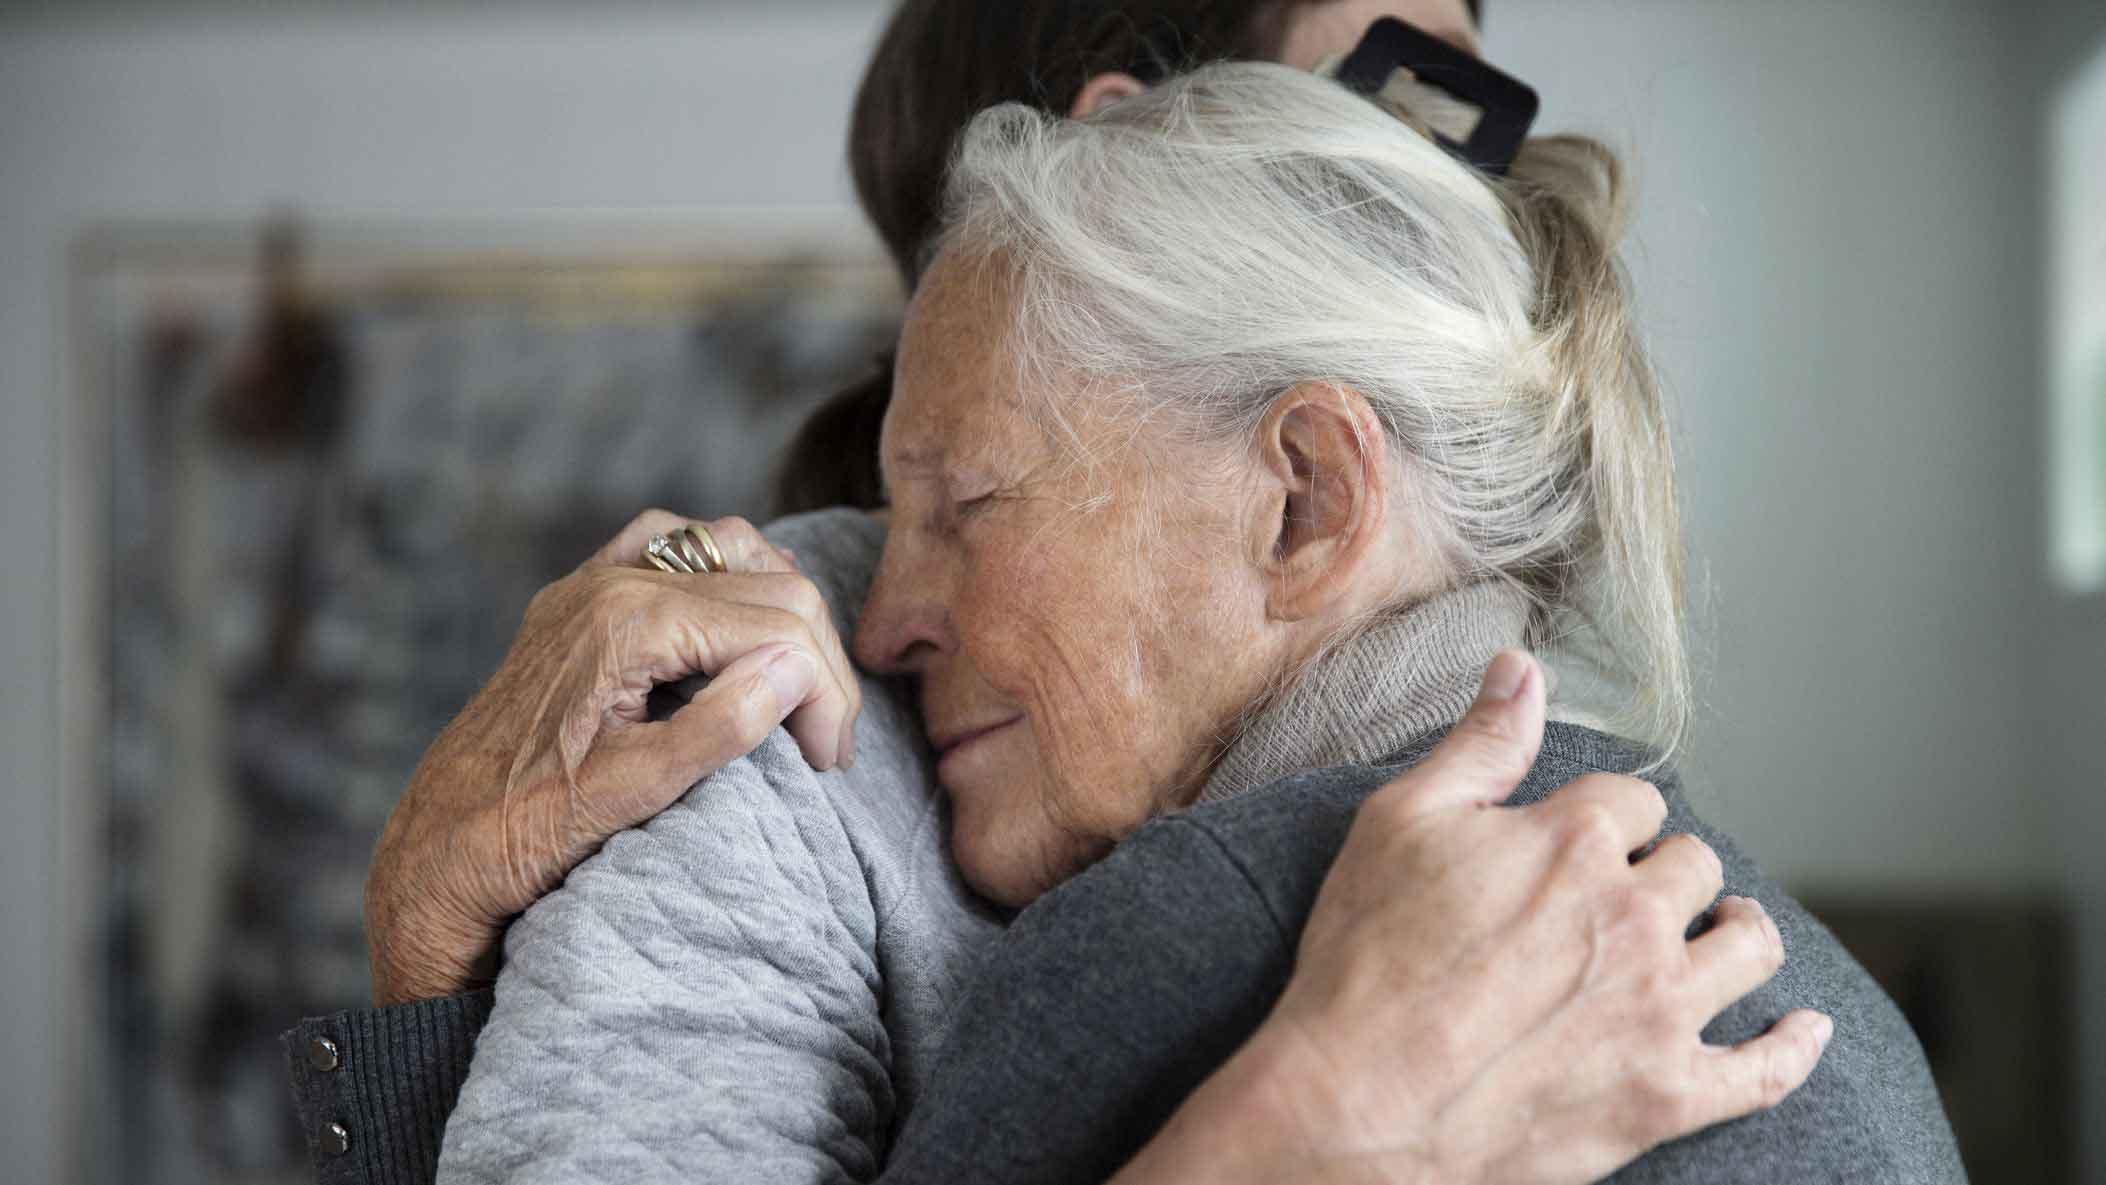 علت توهم در سالمندان | مرکز پارسیان مهرپرور